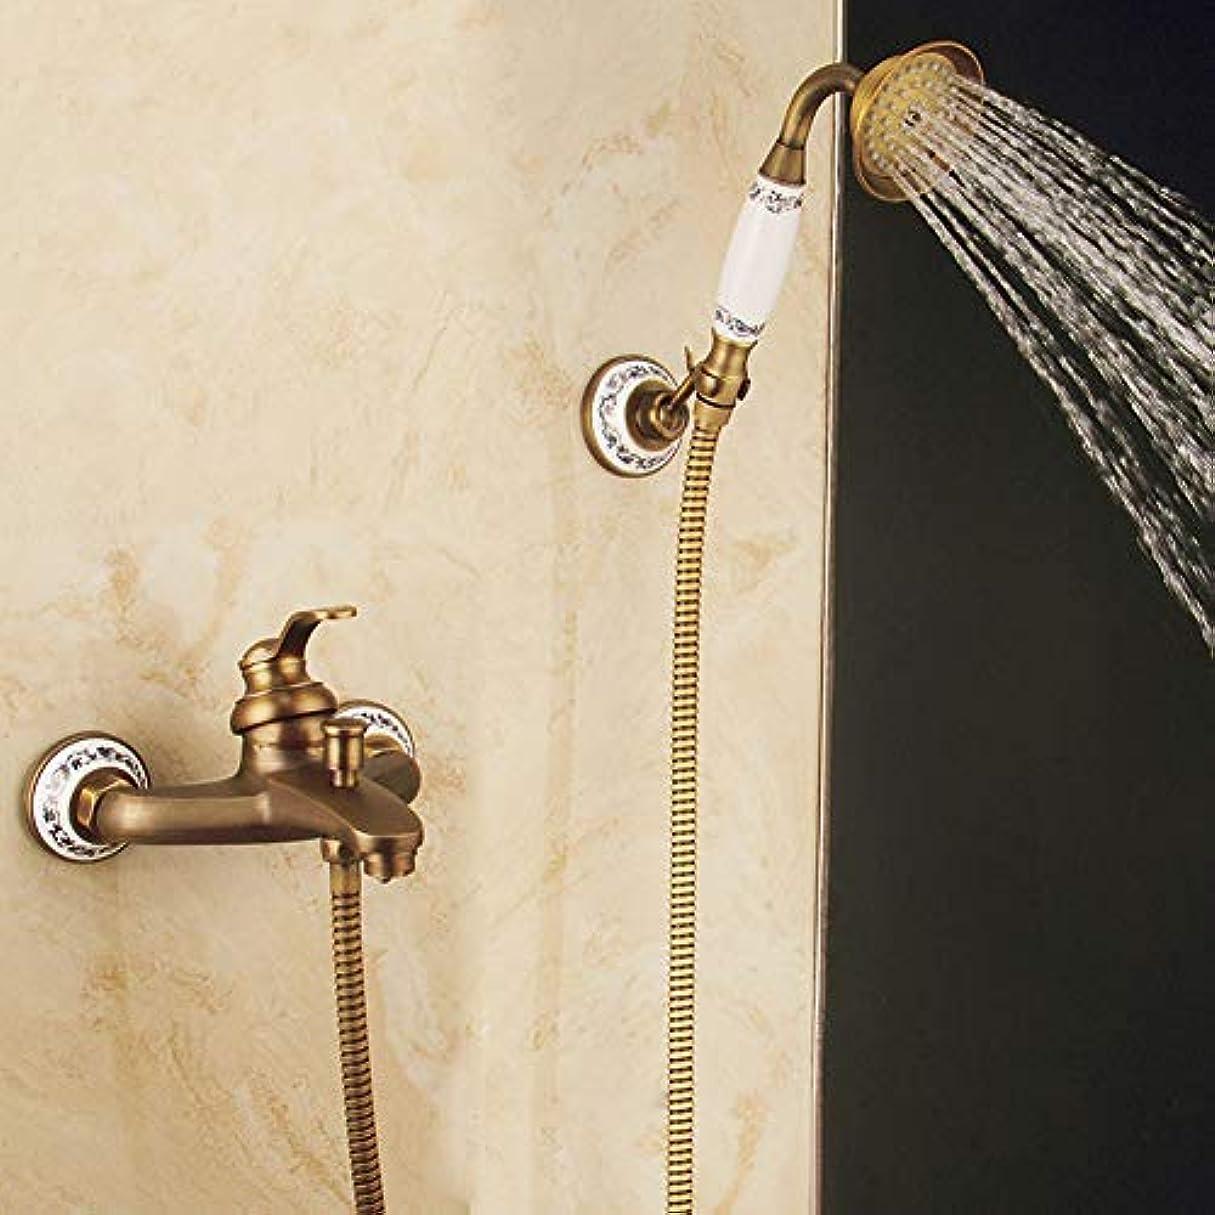 入口アレイ潮シャワーシステム、シャワーミキサーセットアンティークブラスシャワーミキサータップシンプルシャワーセット家庭、オフィス、部屋、カフェ、ベッドルーム、ホテル、レストラン、図書館のための温水冷水ミキサー